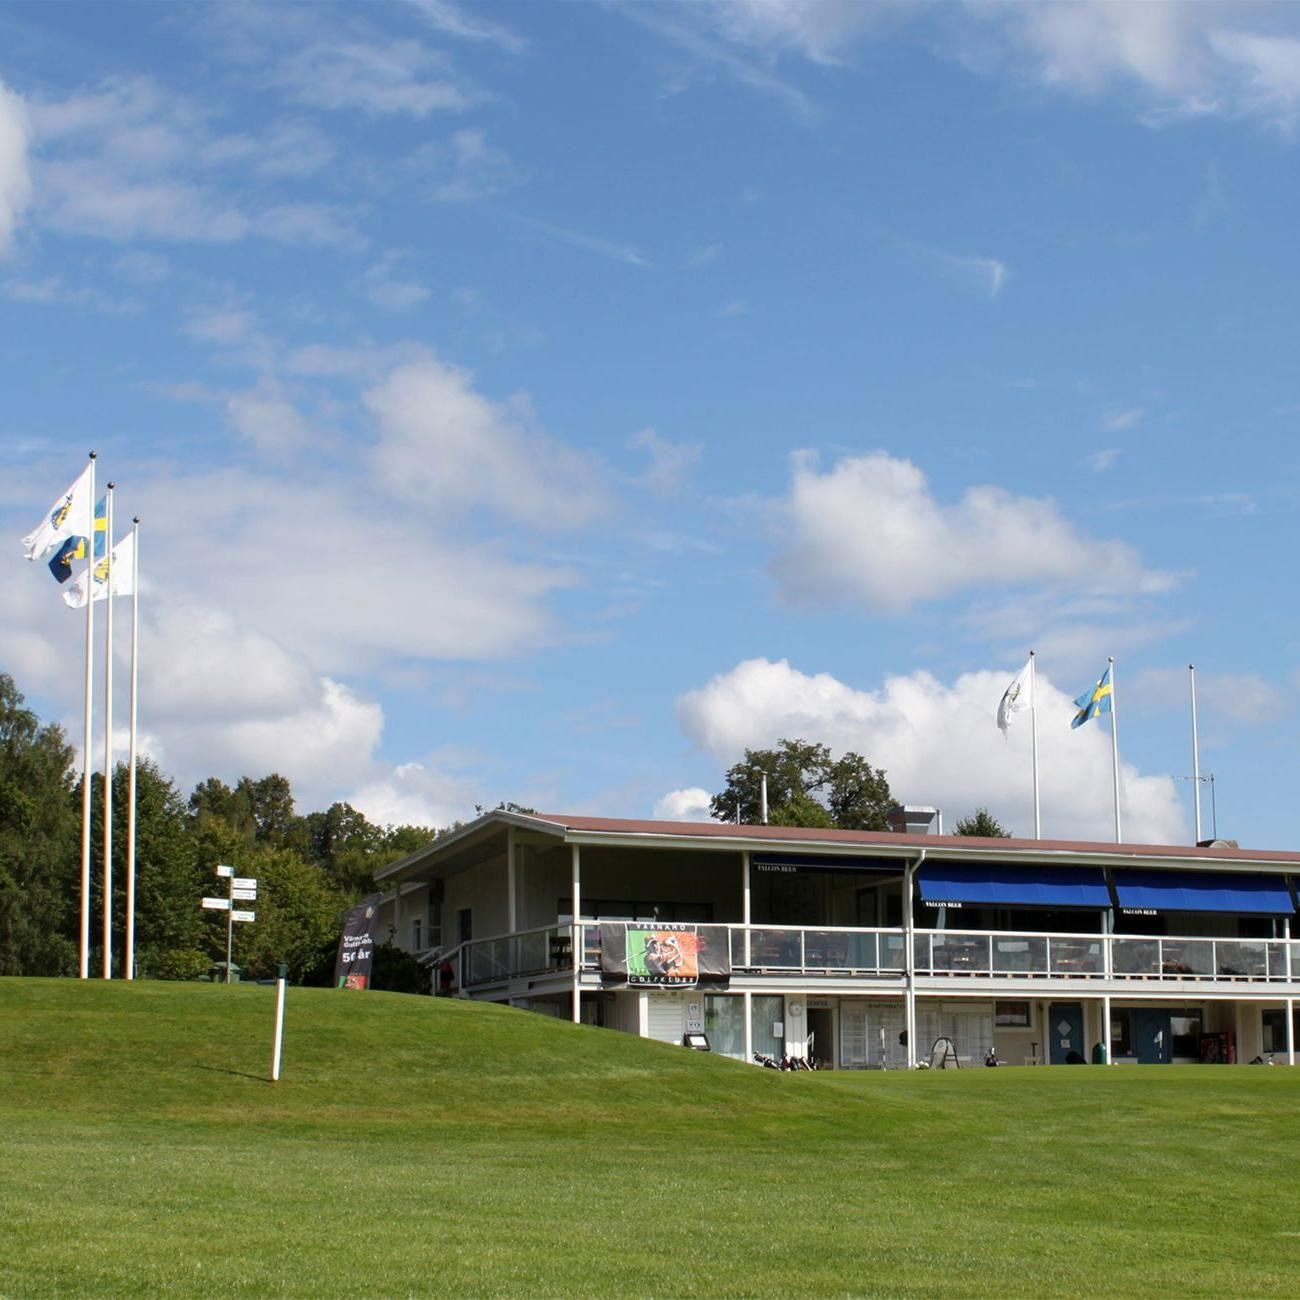 Foto: Värnamo Näringsliv AB,  © Värnamo Näringsliv AB, Värnamo Golfklubb GolfKrogen